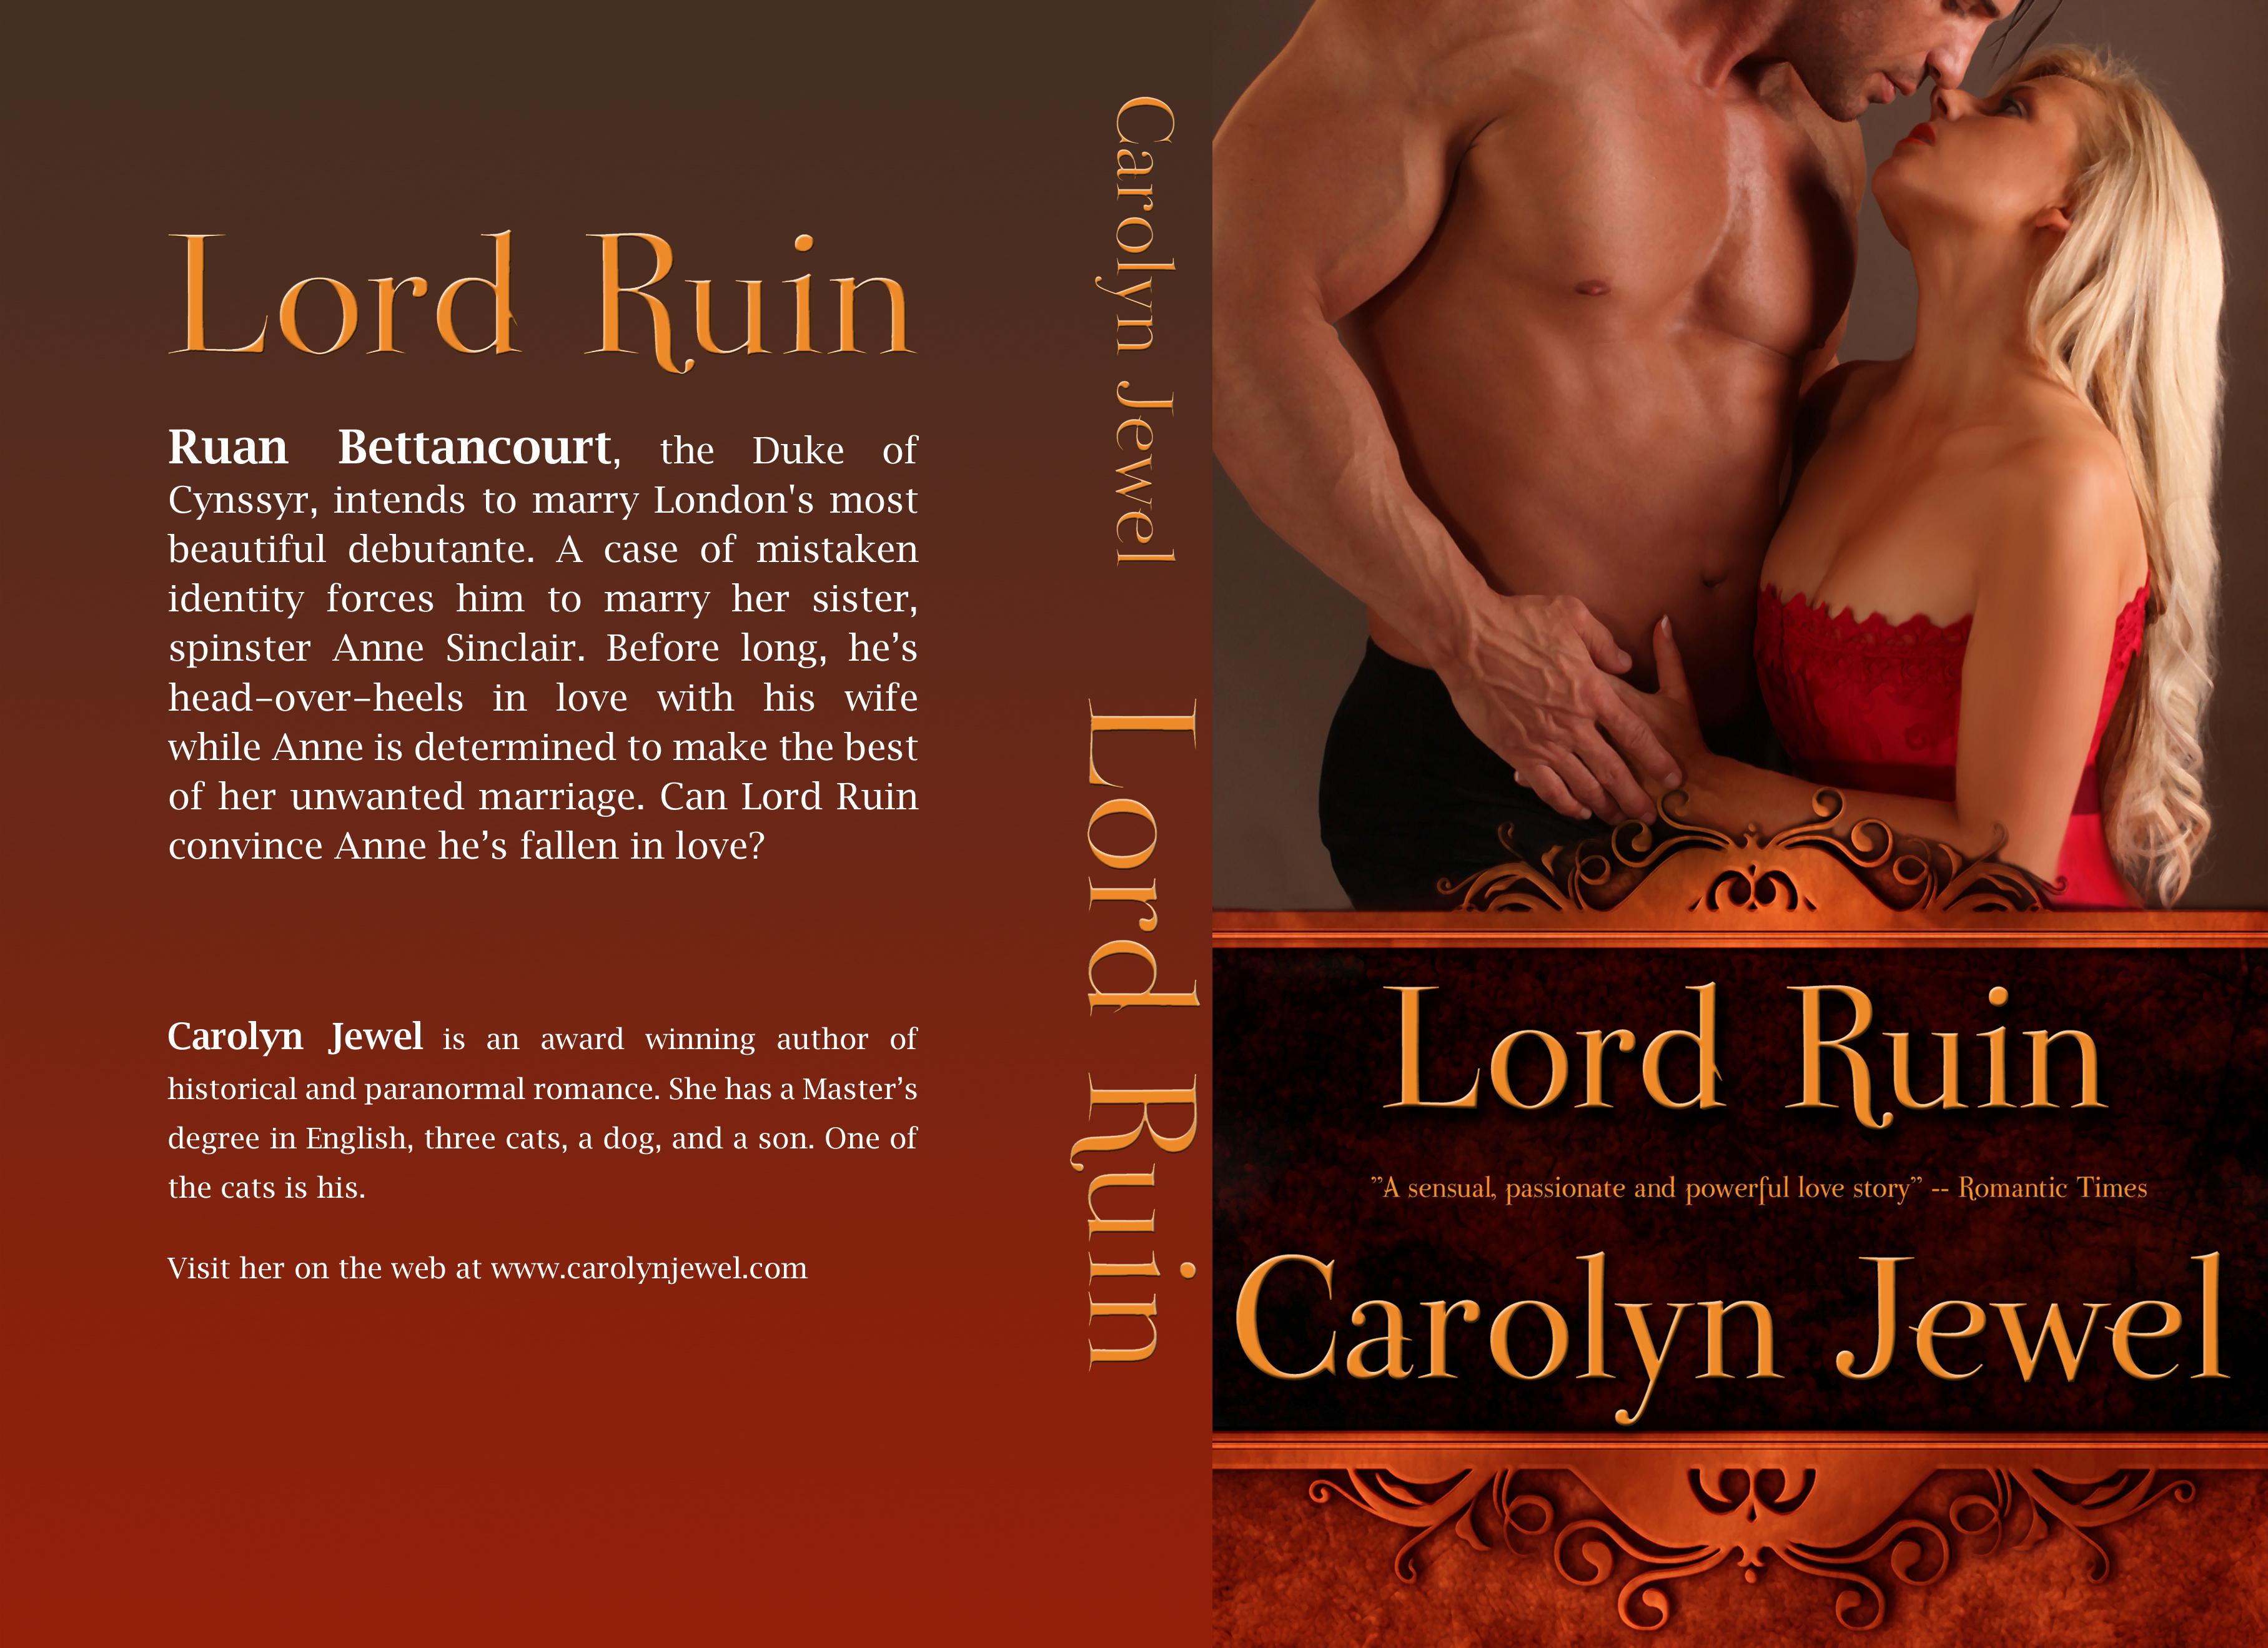 Lord Ruin